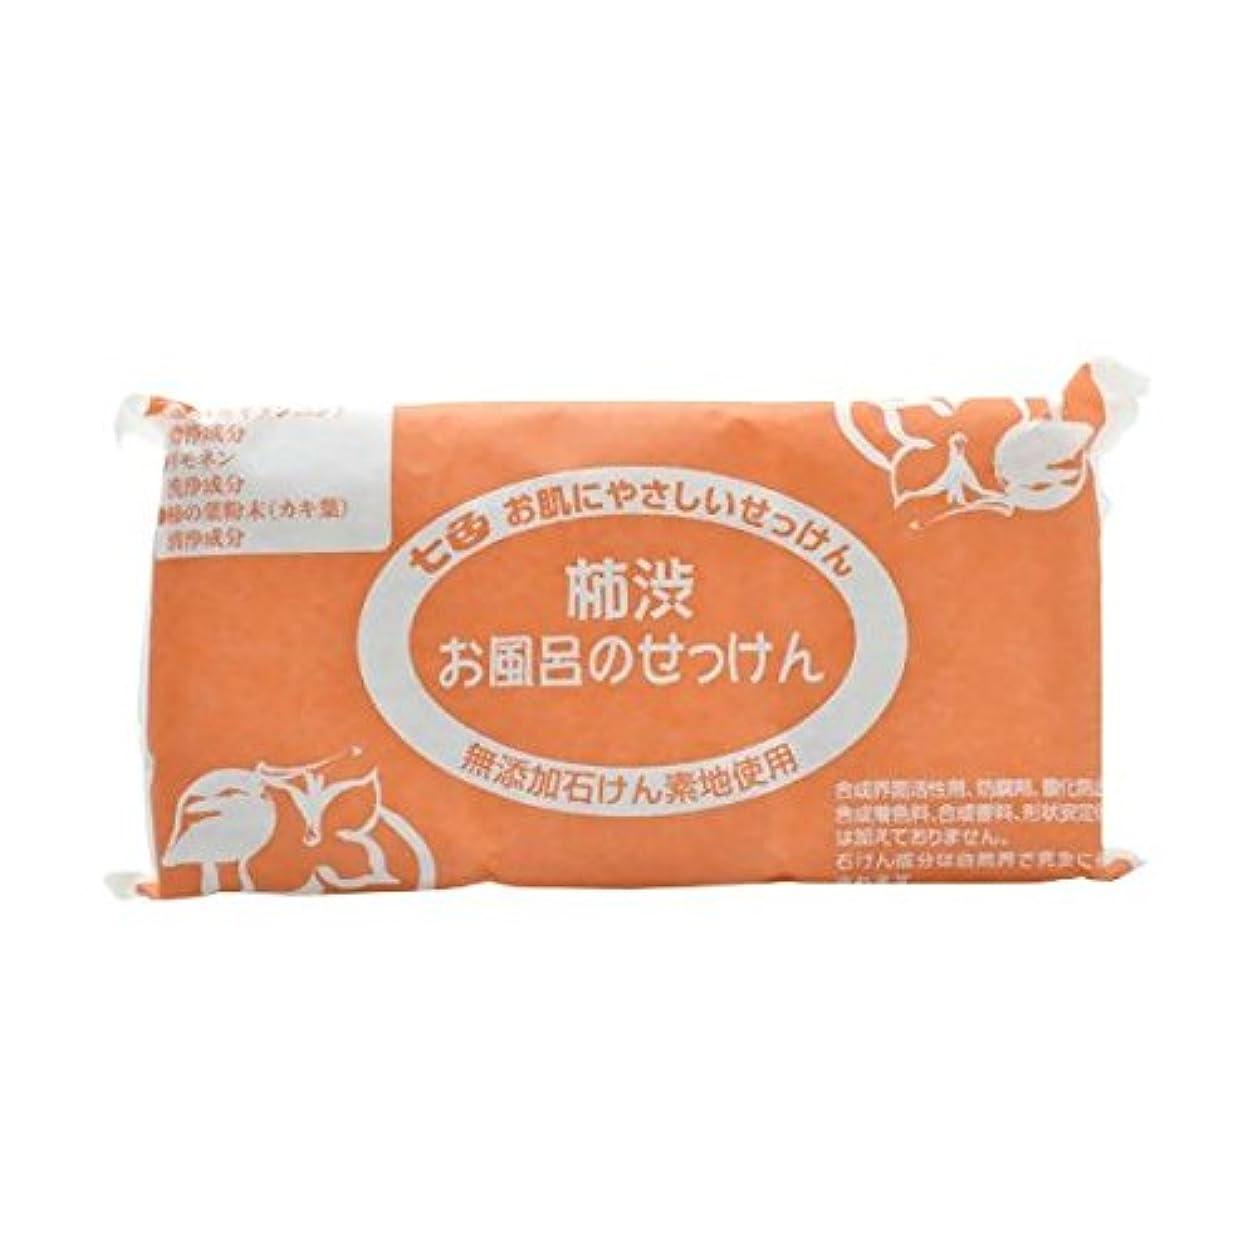 スケッチ息子満足できる(まとめ買い)七色 お風呂のせっけん 柿渋(無添加石鹸) 100g×3個入×9セット